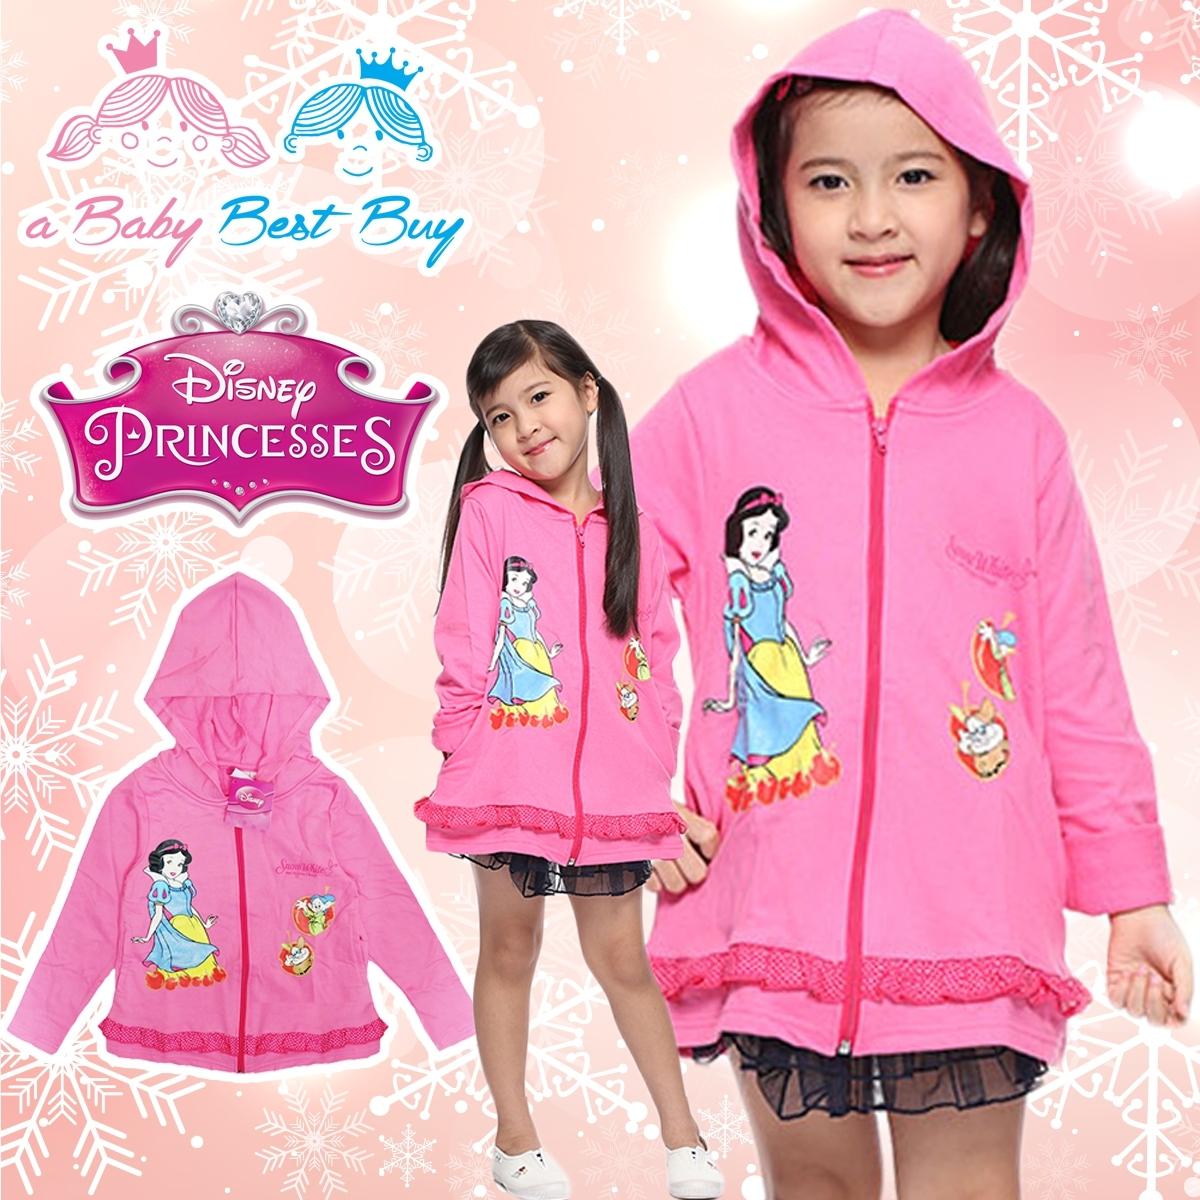 """"""" ( S-M-L-XL"""" Jacket Disney snow white เสื้อแจ็คเก็ต เสื้อกันหนาวแขนยาว เด็กผู้หญิง สกรีนลายเจ้าหญิงสโนไวท์ สีชมพู รูดซิป มีหมวก(ฮู้ด)ใส่คลุมกันหนาว กันแดด ใส่สบาย ดิสนีย์แท้ ลิขสิทธิ์แท้"""